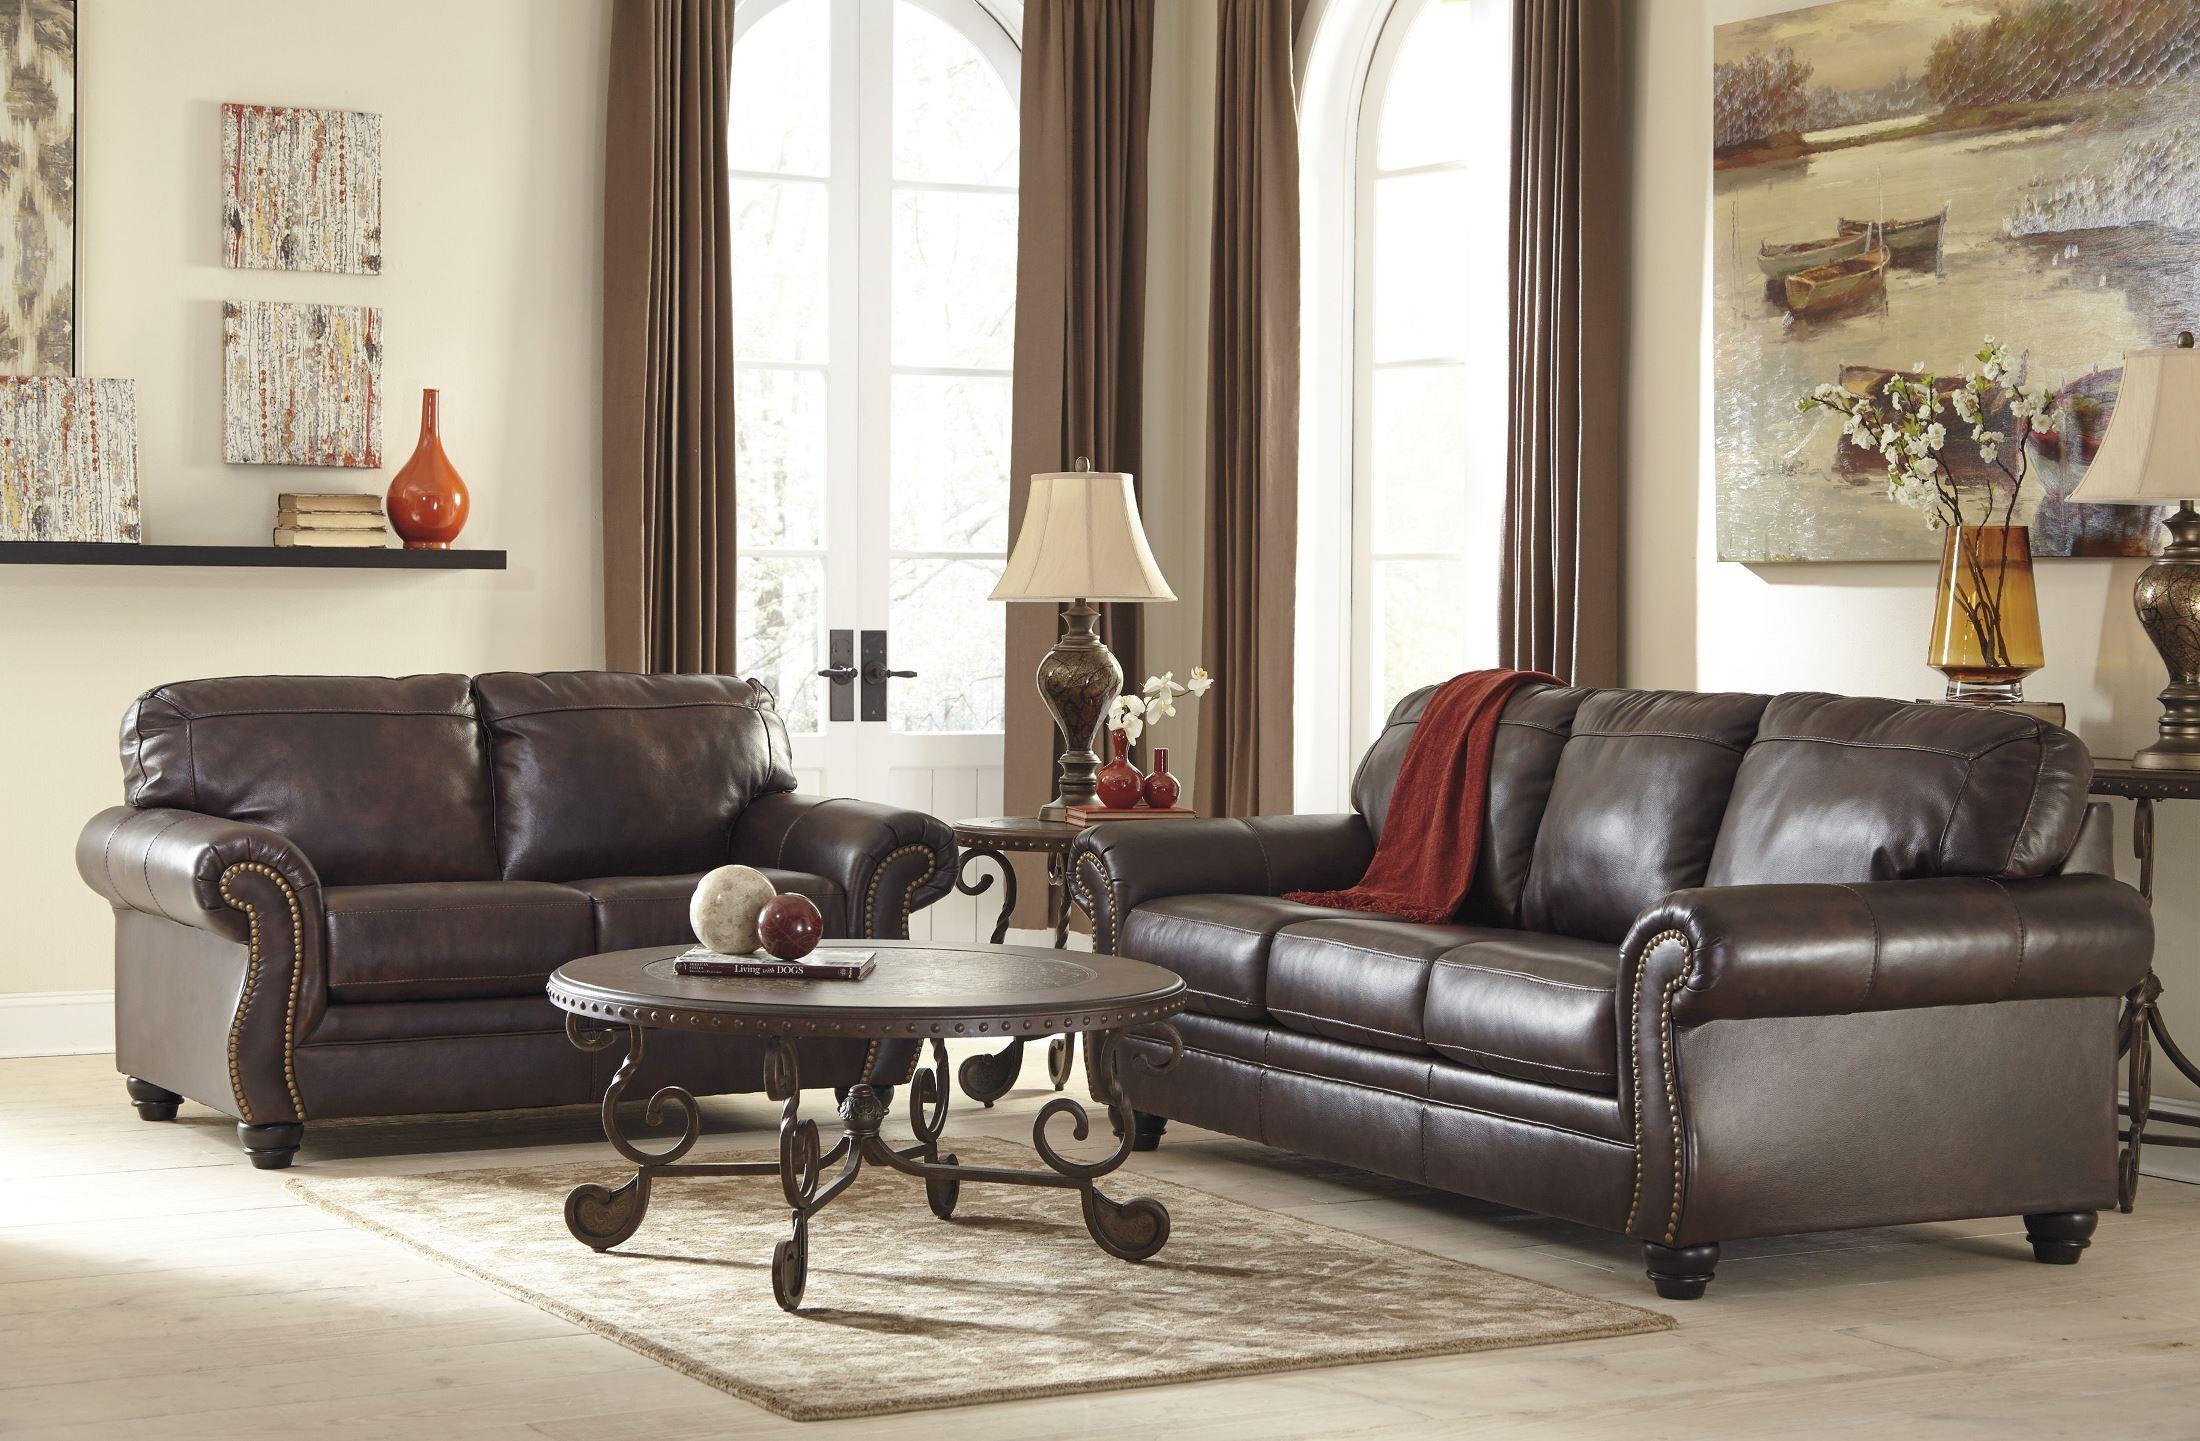 Awe Inspiring Bristan Walnut Chair Unemploymentrelief Wooden Chair Designs For Living Room Unemploymentrelieforg